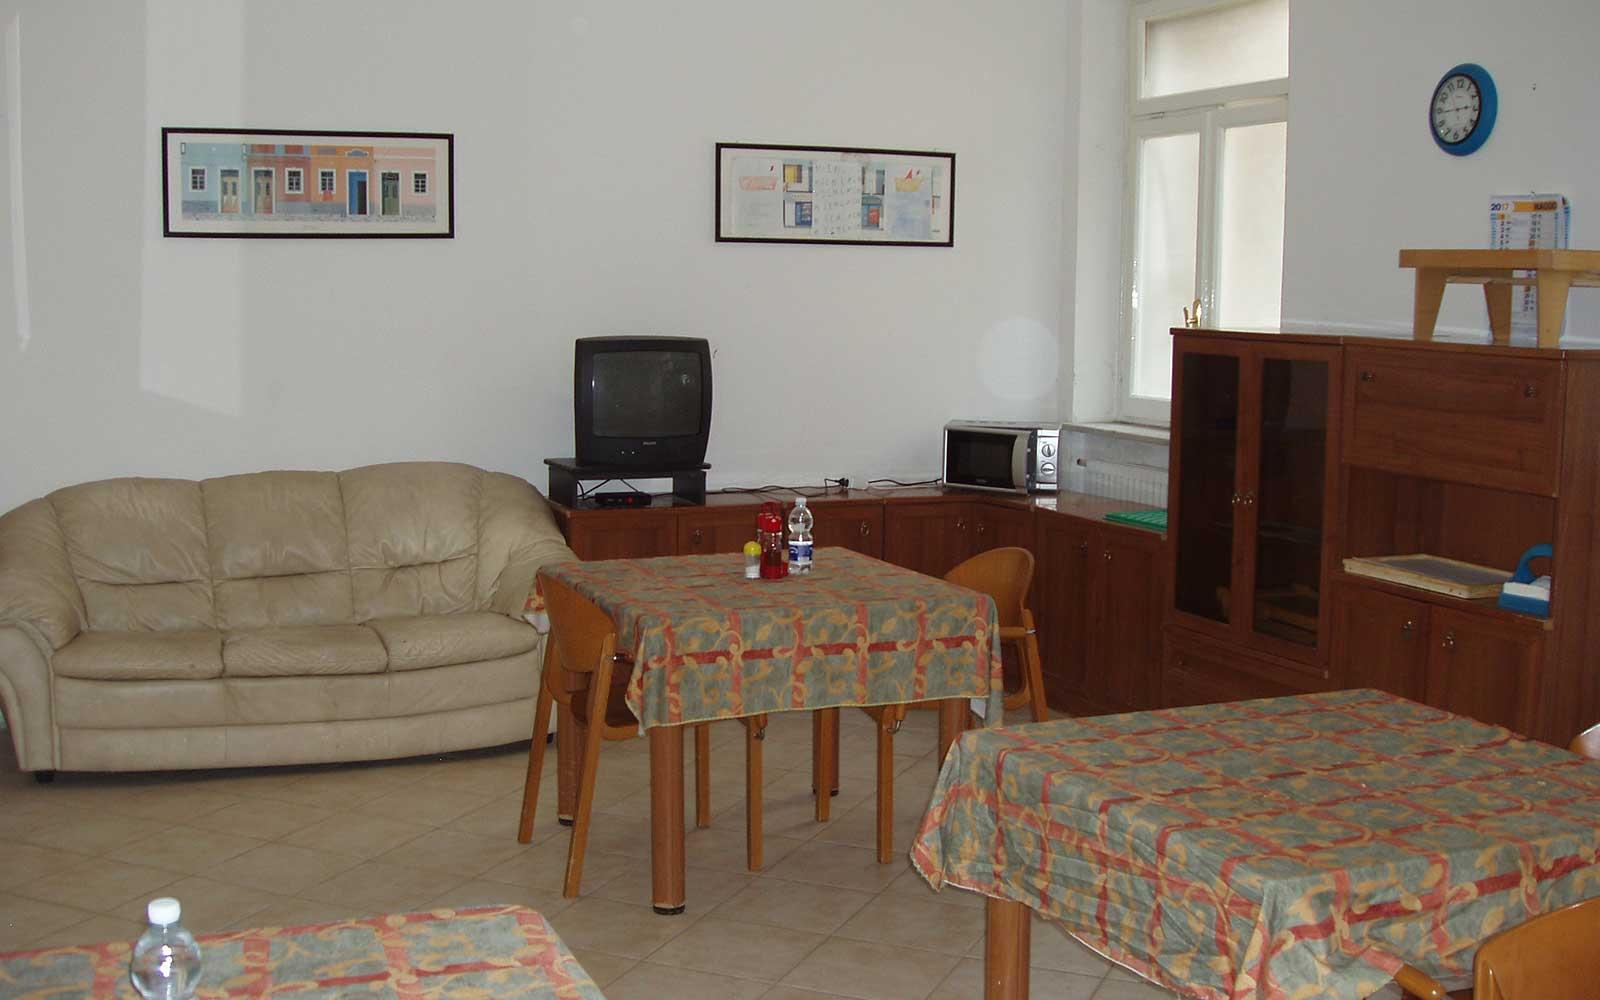 un divano in pelle beige e dei tavoli con delle sedie